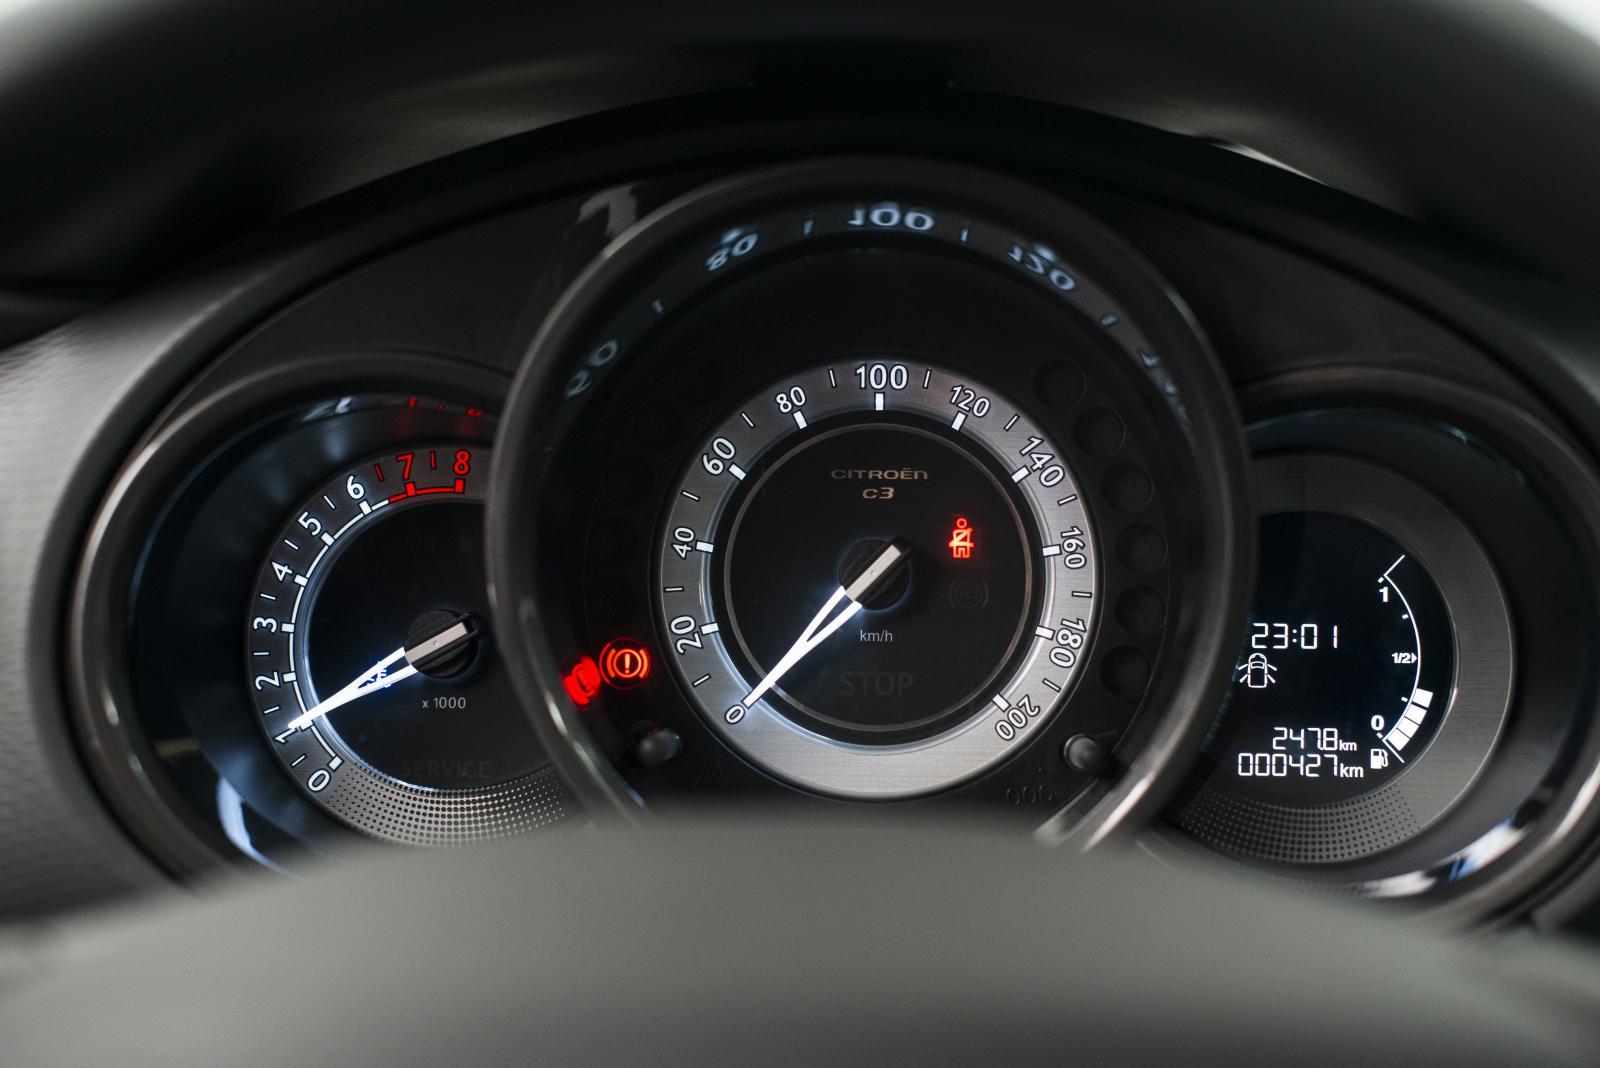 C3 Amérique Latine compteur de vitesse